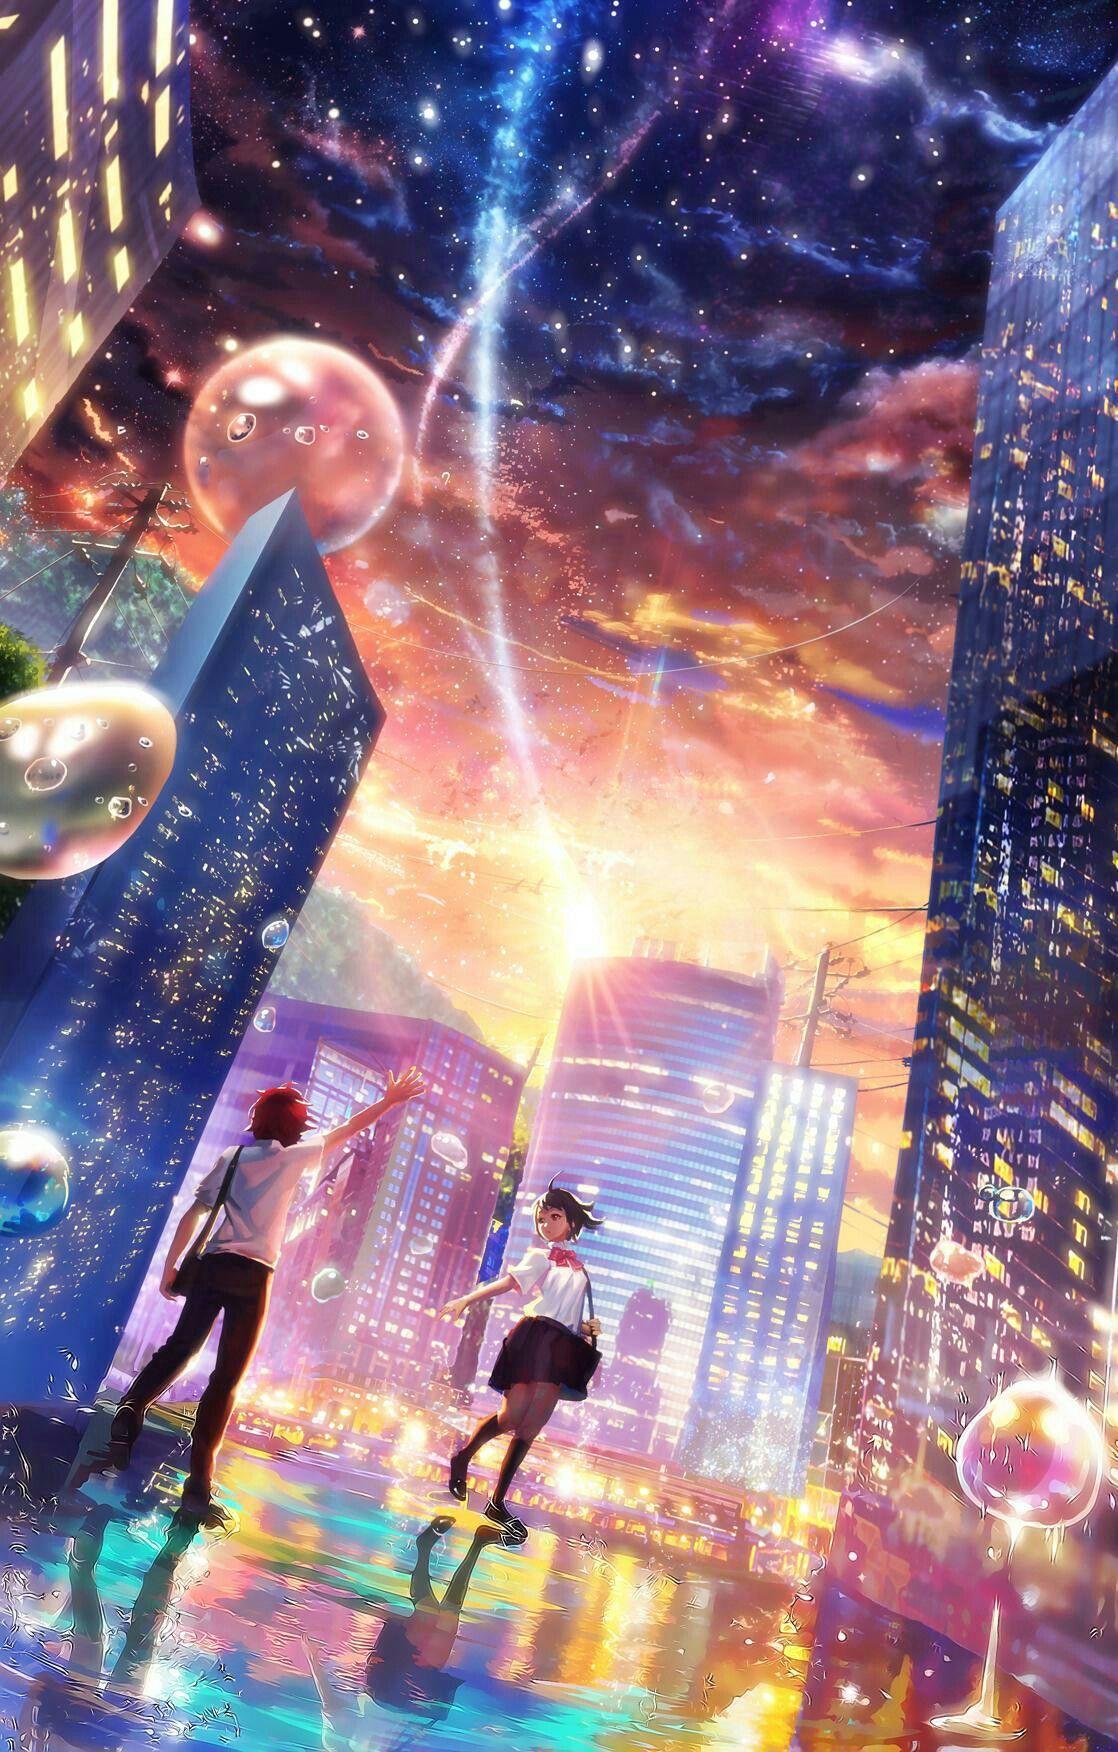 Kimi no na wa (movie) Anime, Kimi no na wa e Fundos